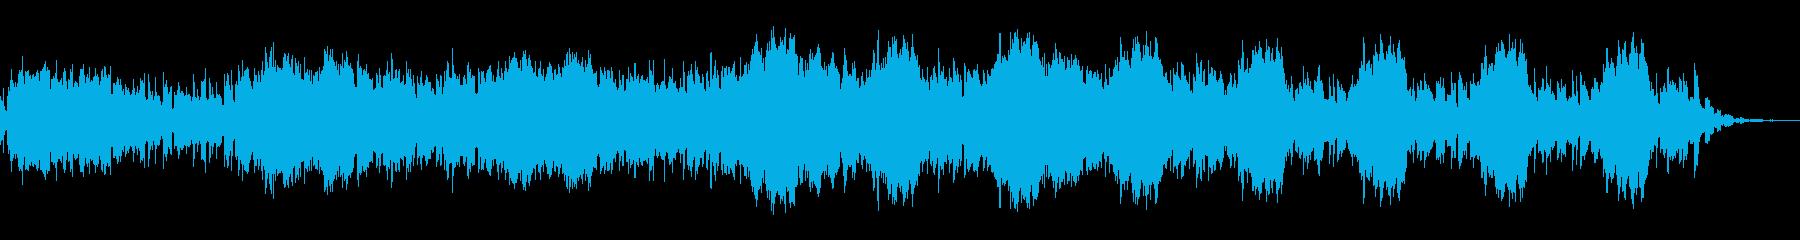 物語の一つの分岐点に合いそうな曲の再生済みの波形